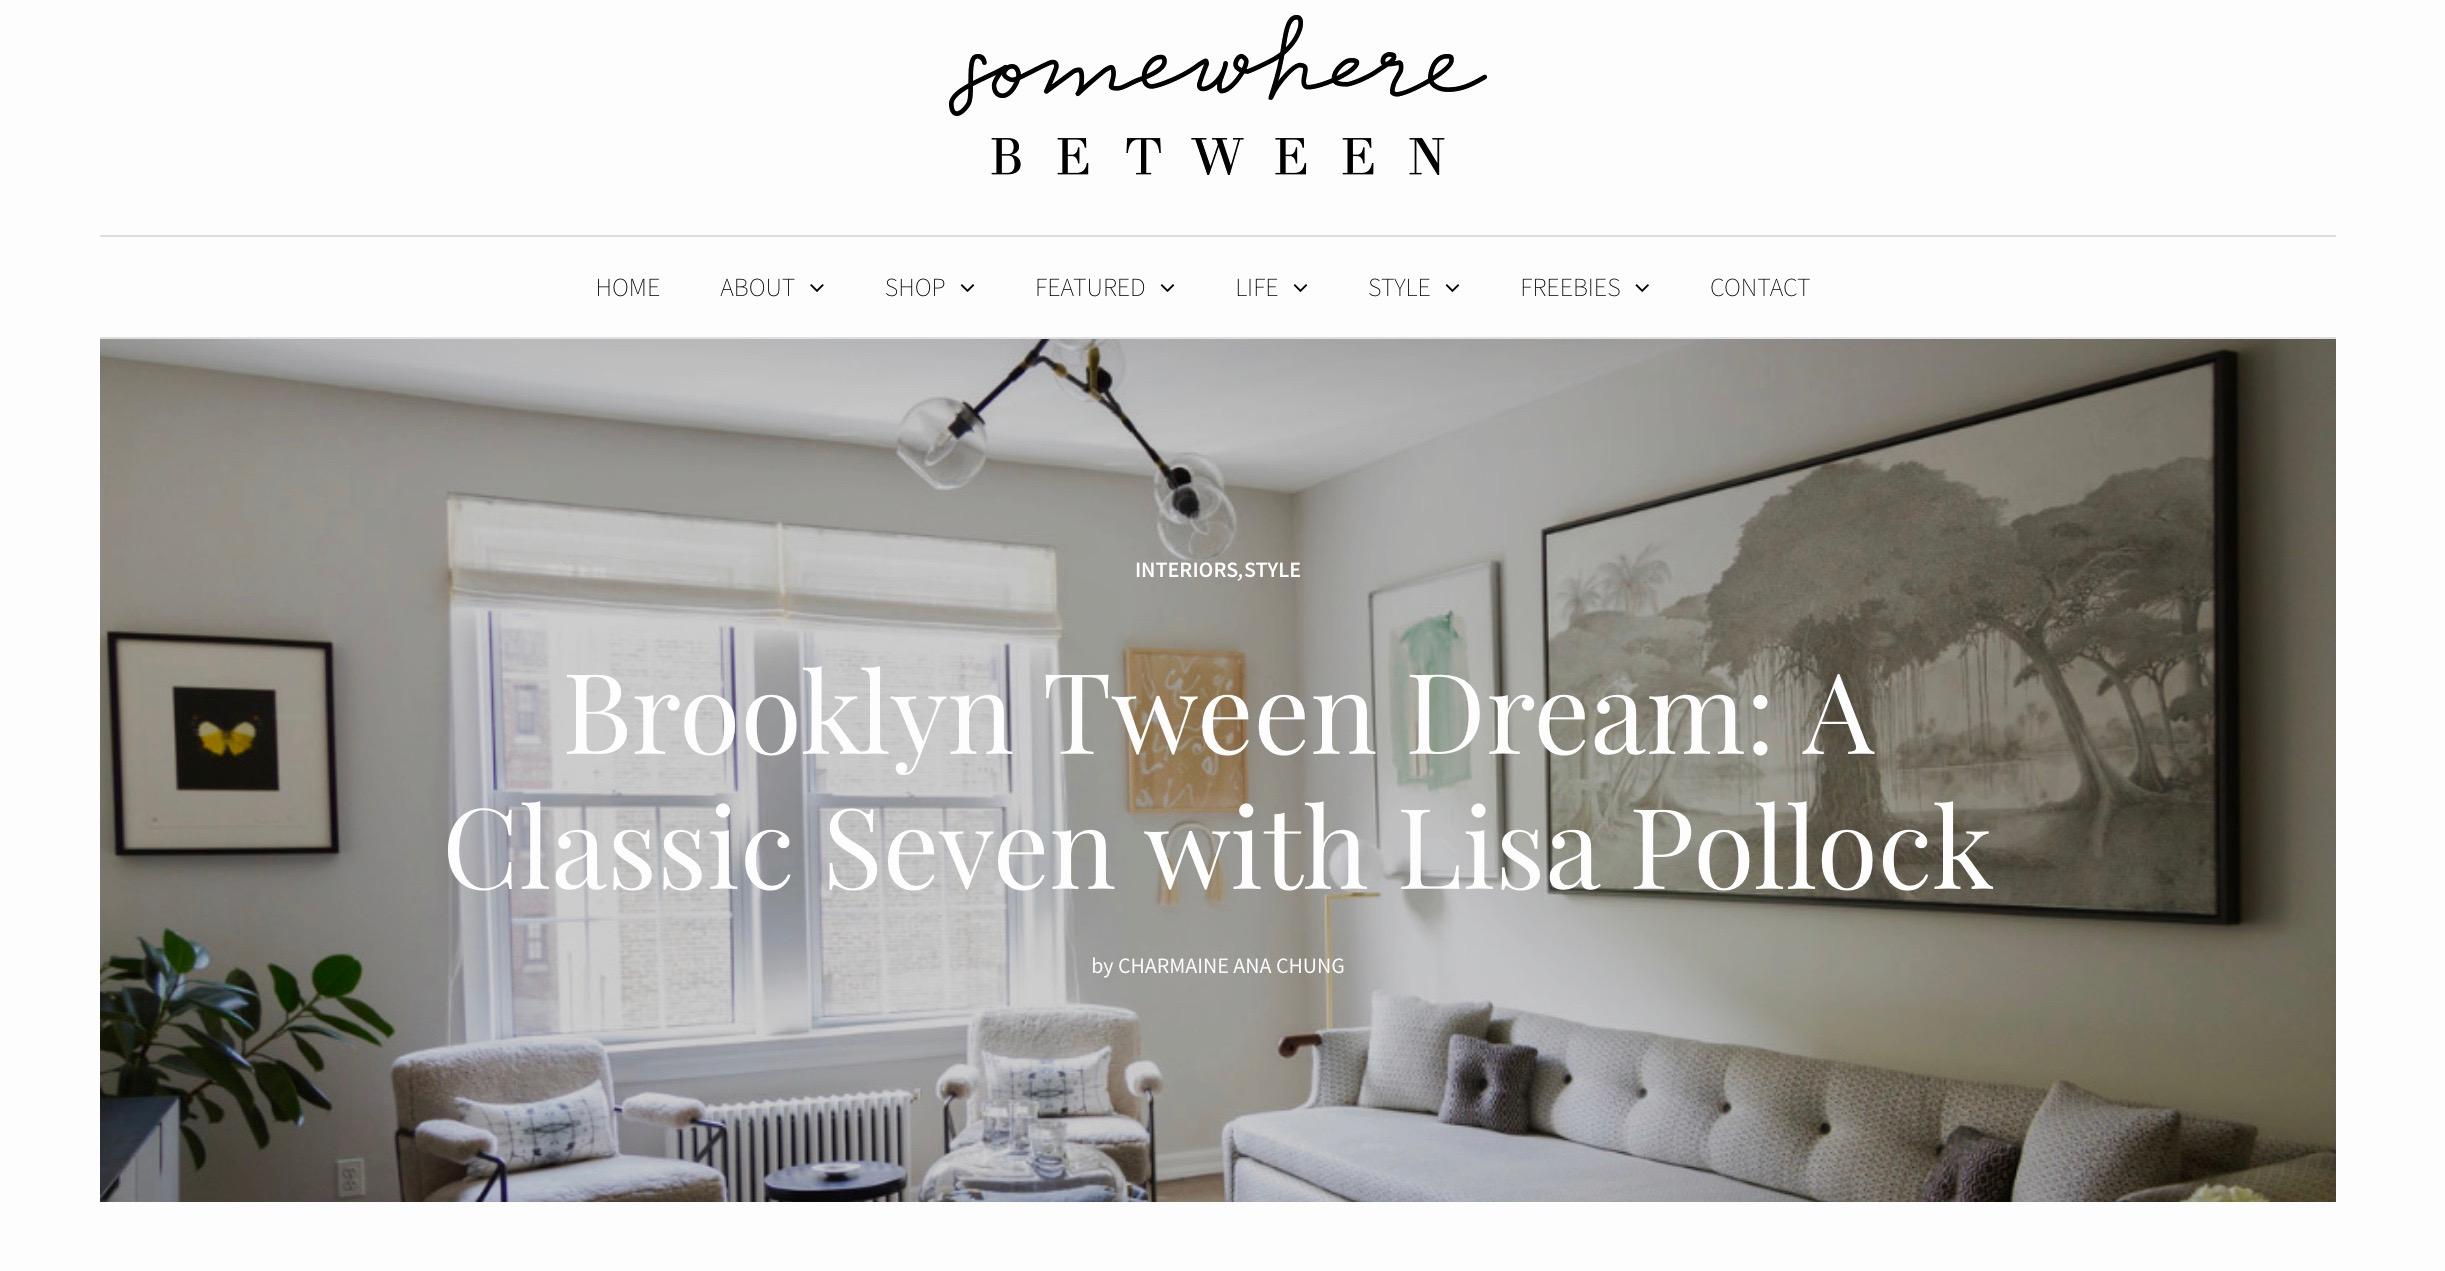 https://somewherebetween.co/tween-dream-brooklyn-classic-seven-lisa-pollock/